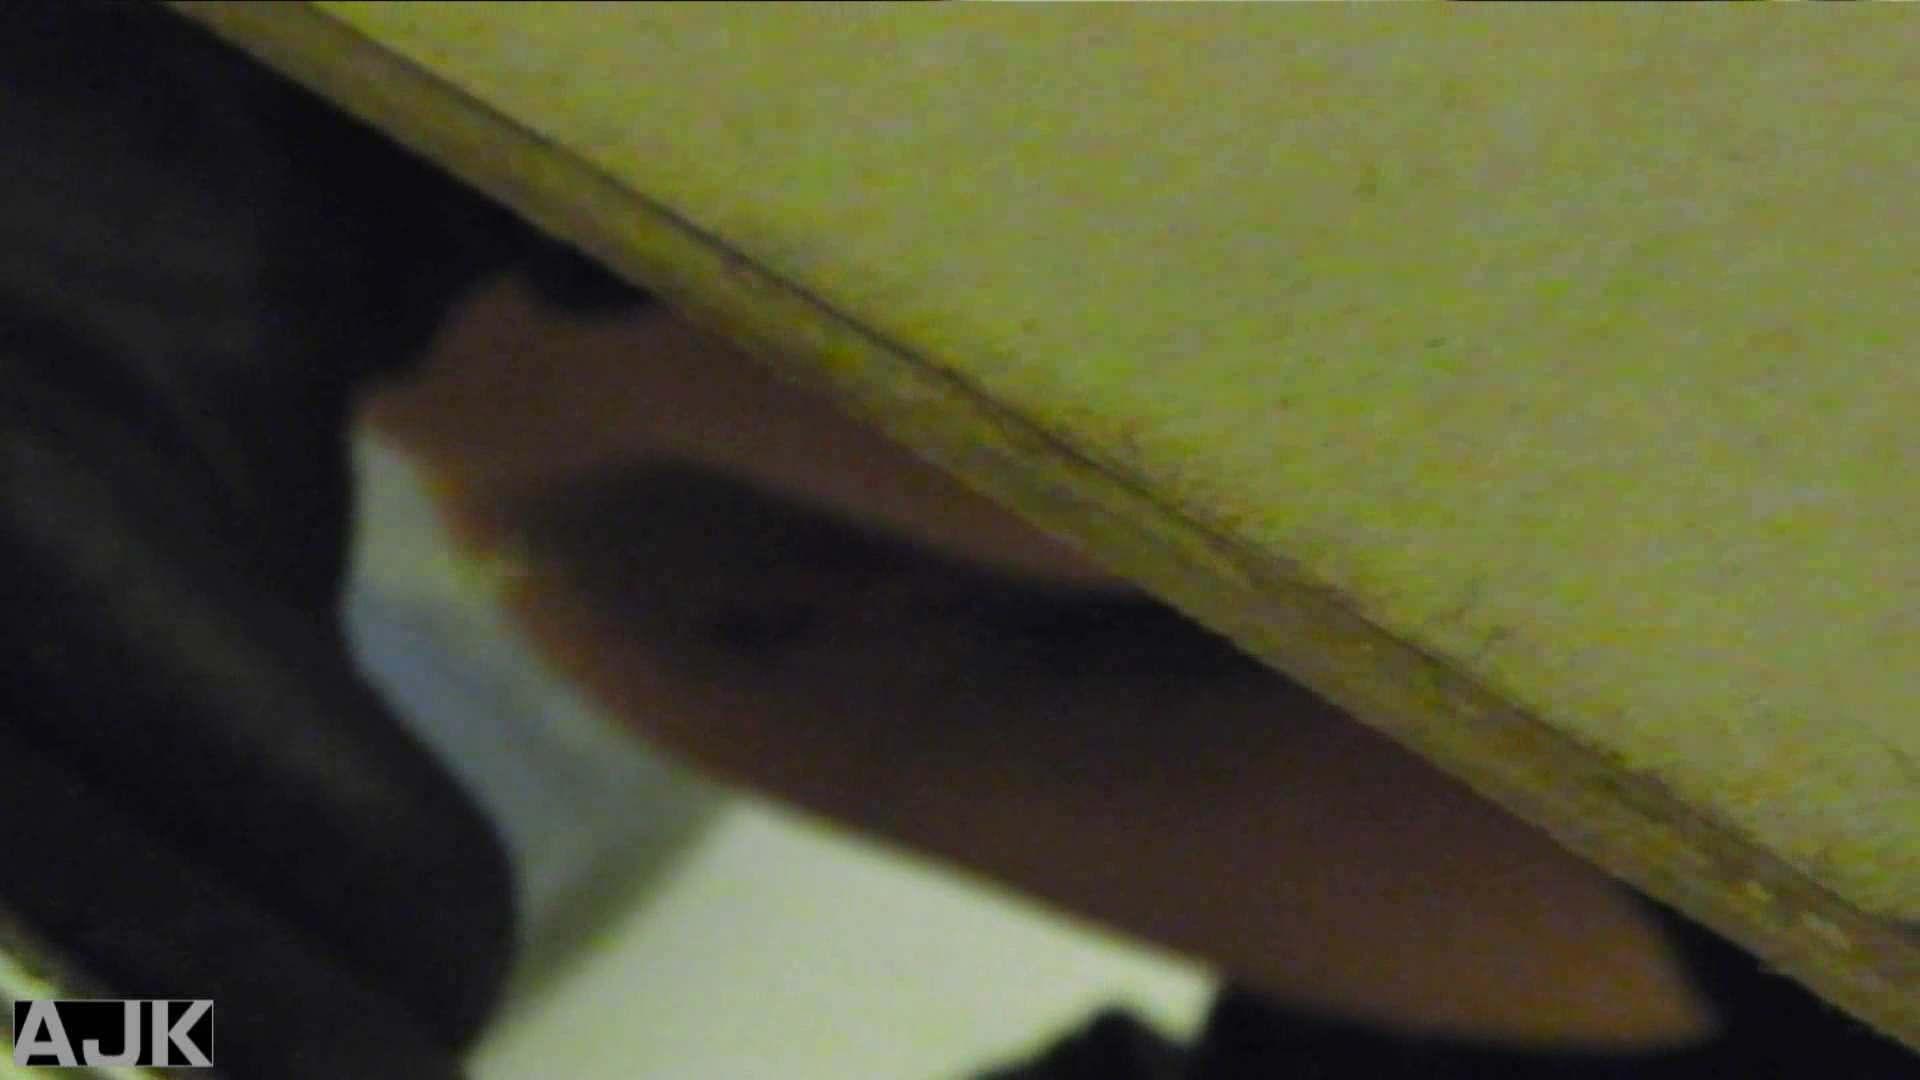 隣国上階級エリアの令嬢たちが集うデパートお手洗い Vol.19 女子トイレ編 ぱこり動画紹介 36画像 31